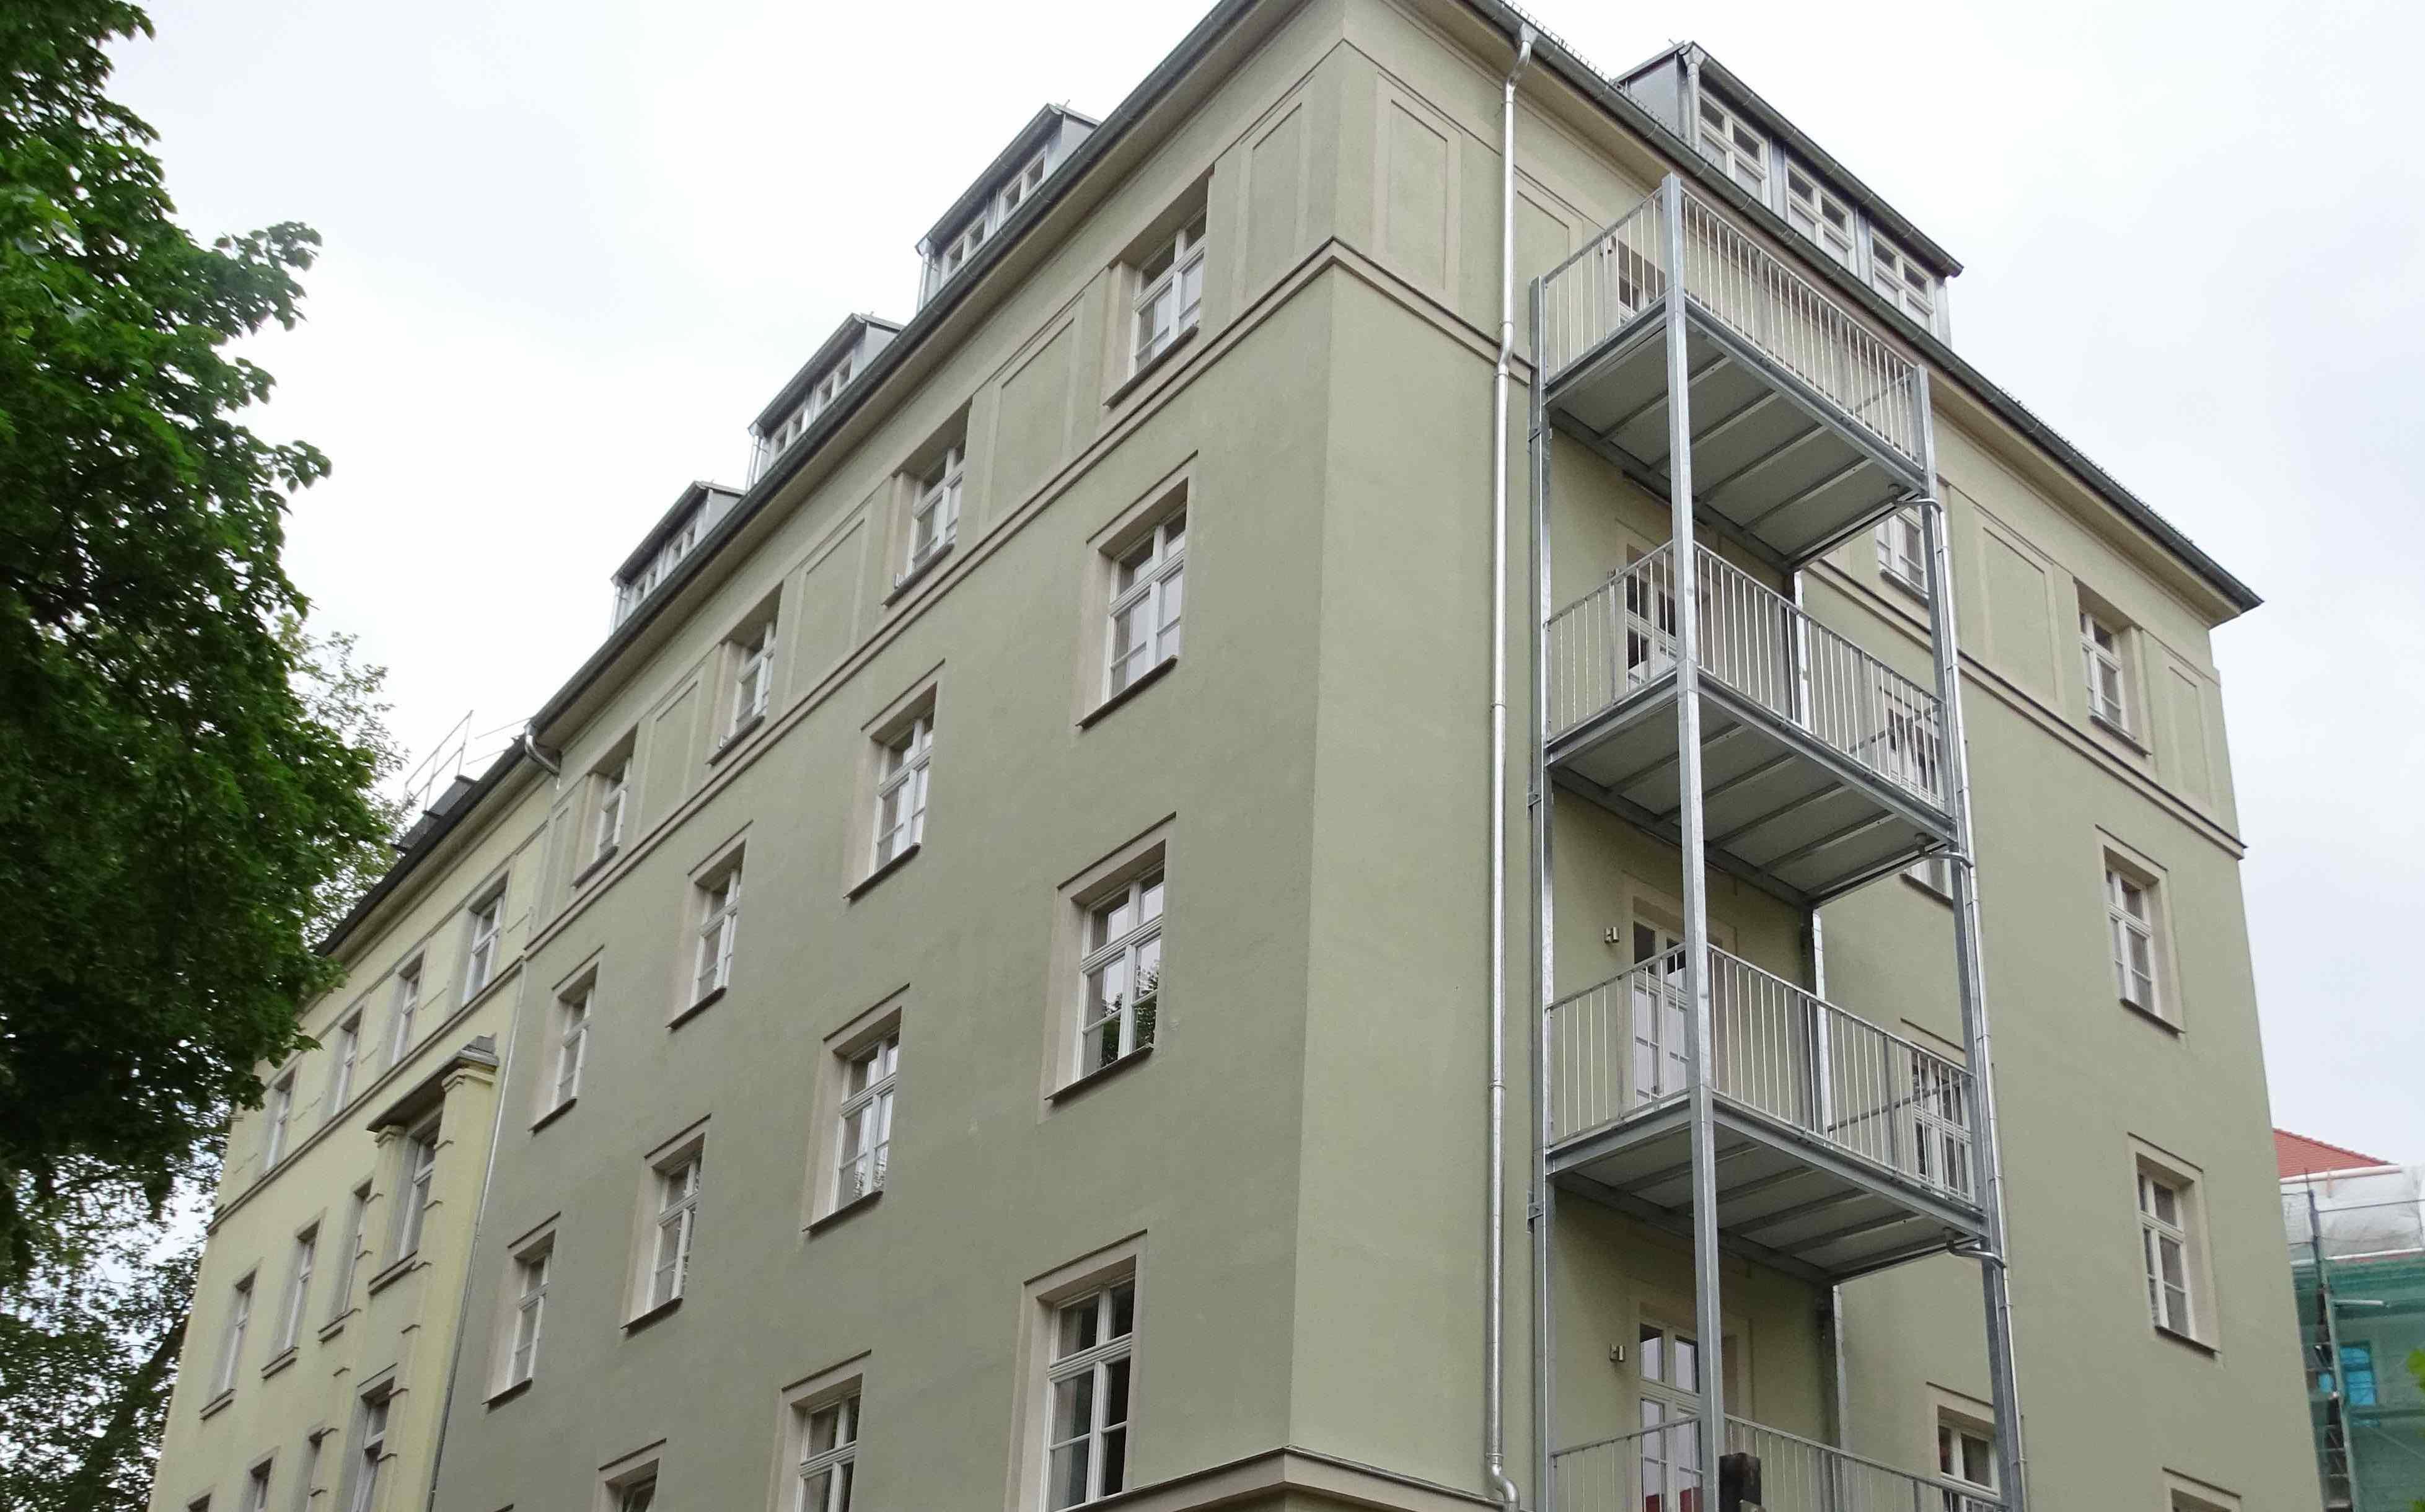 Baluschkestraße 3 in Dresden  / 2016  – 11 WE von ca. 32 – 117m²